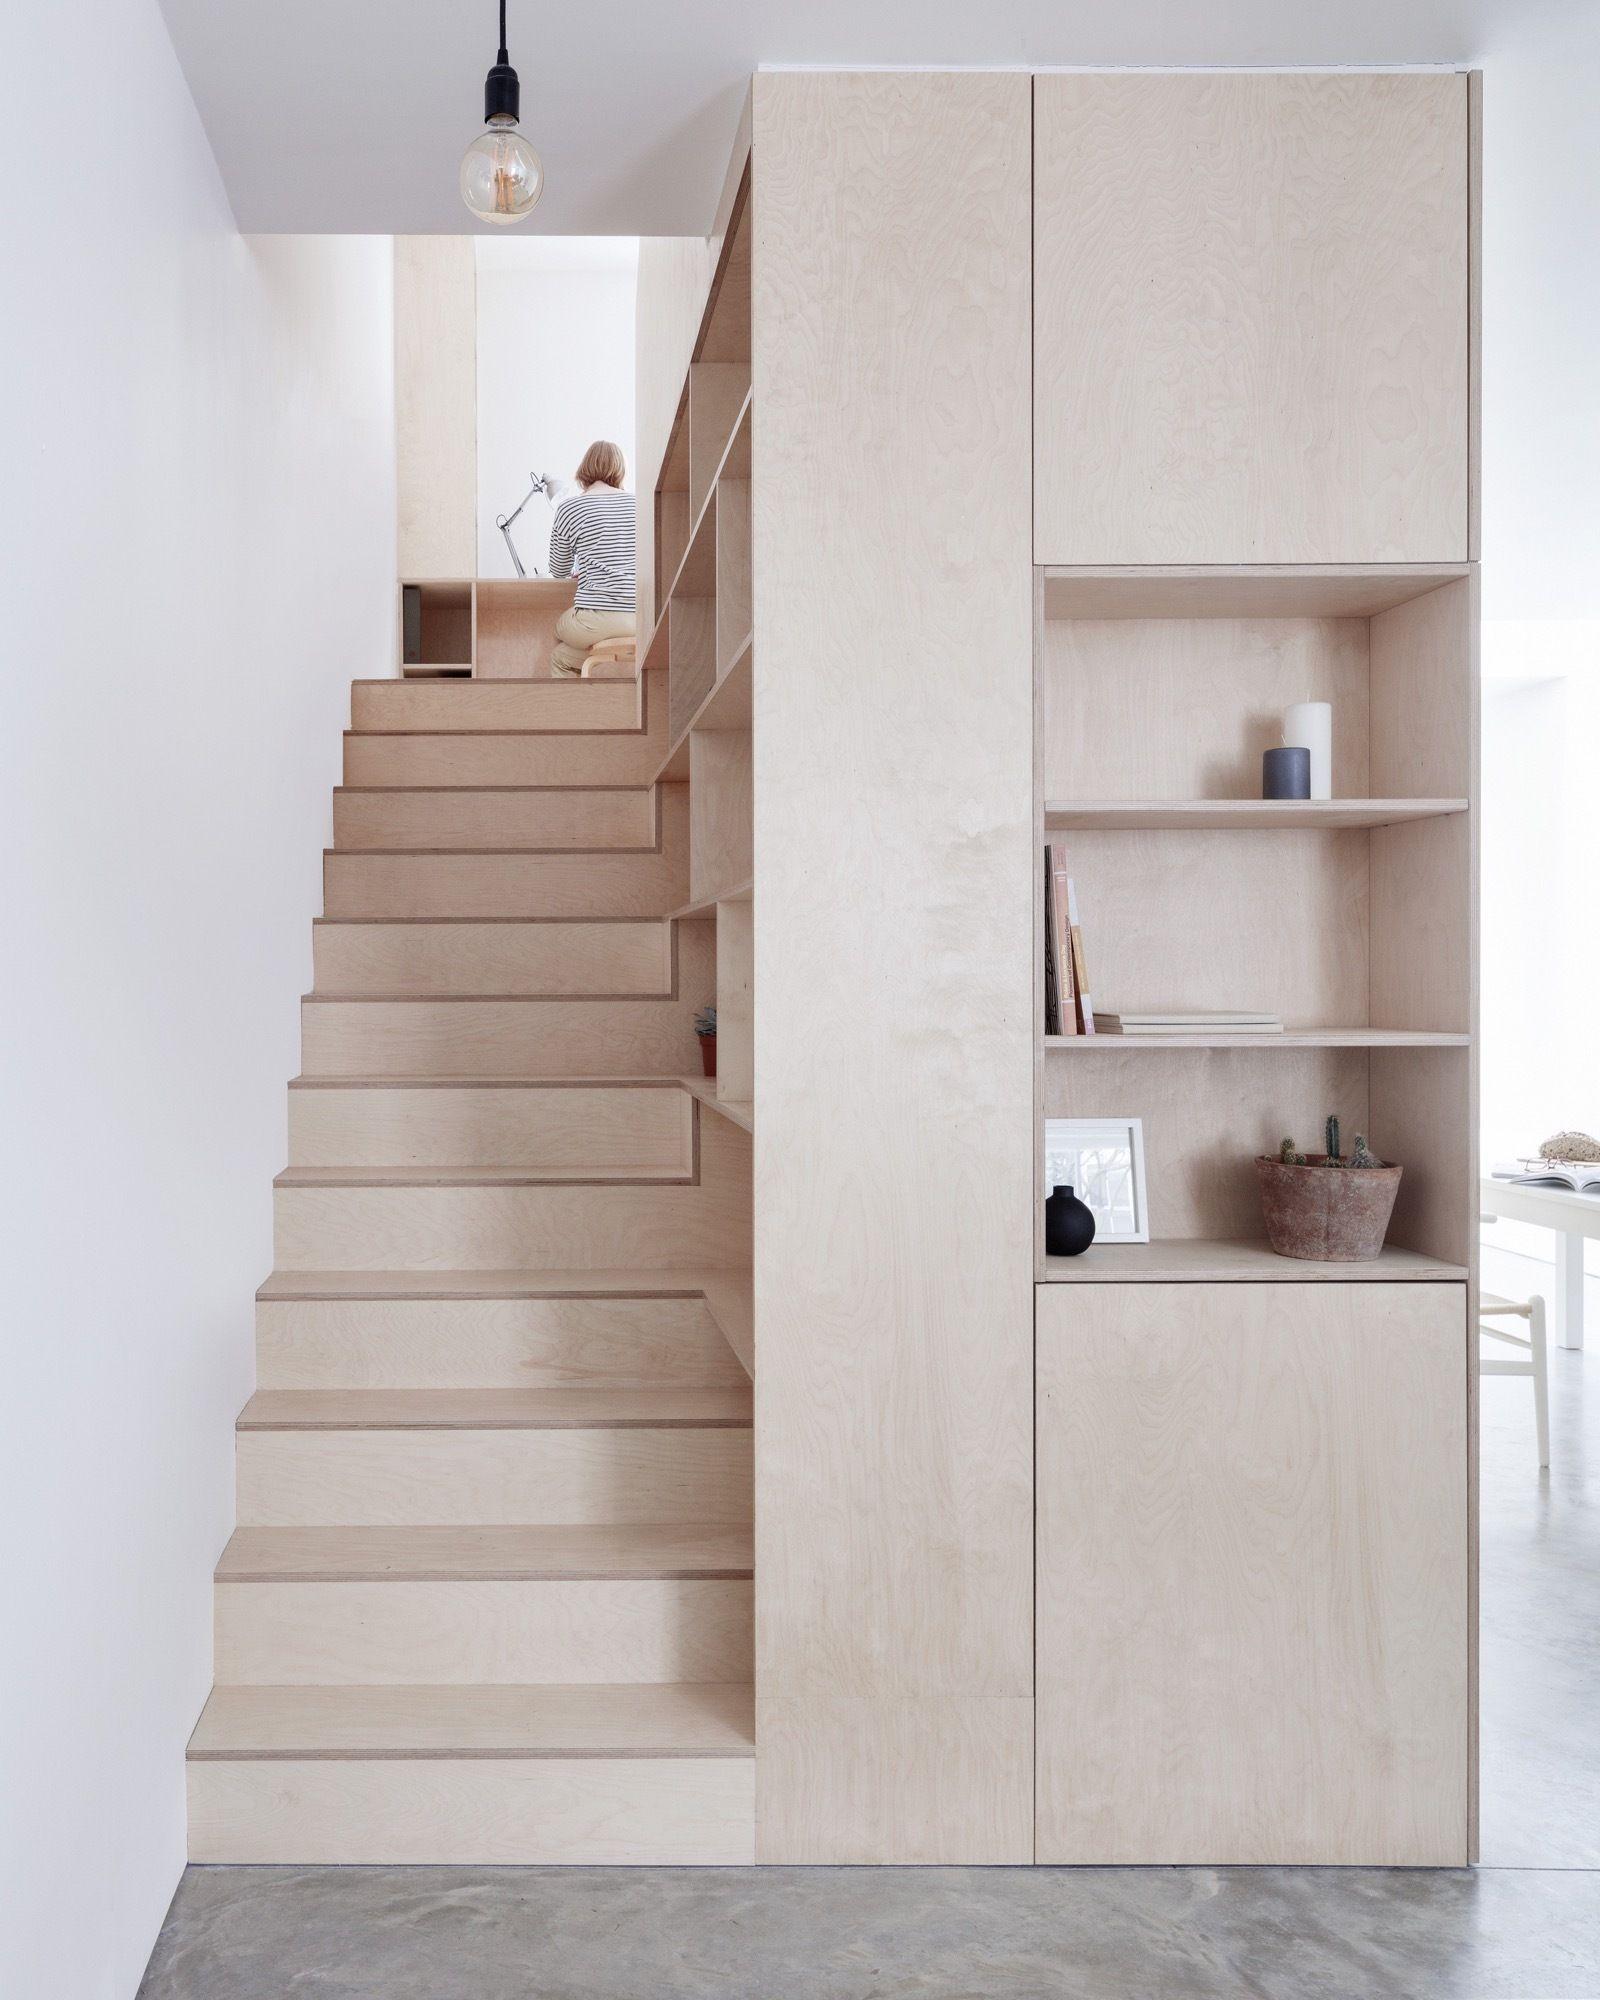 Gallery of Islington Maisonette / Larissa Johnston Architects - 4 ...